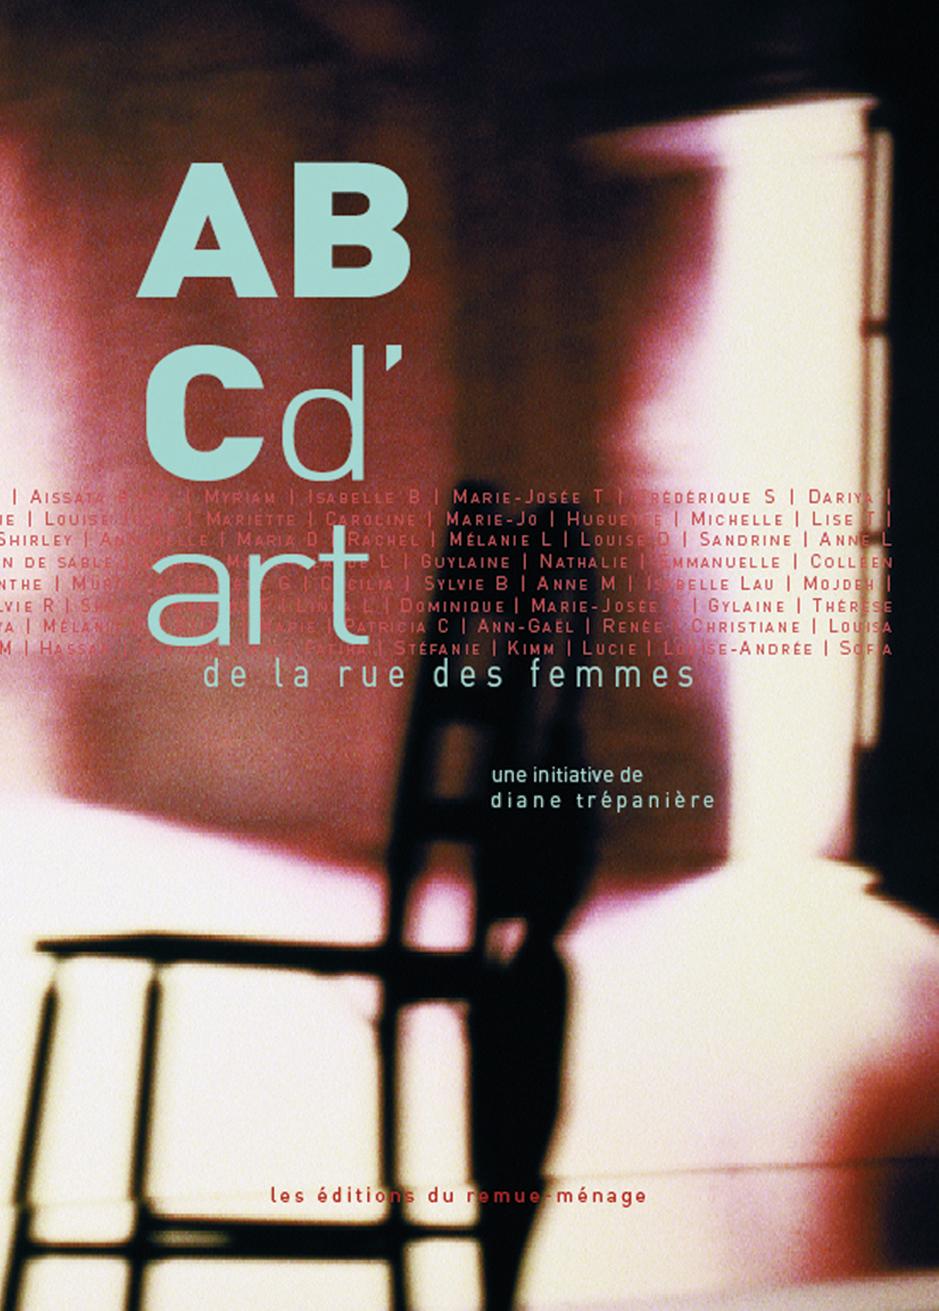 couverture ABCd'art